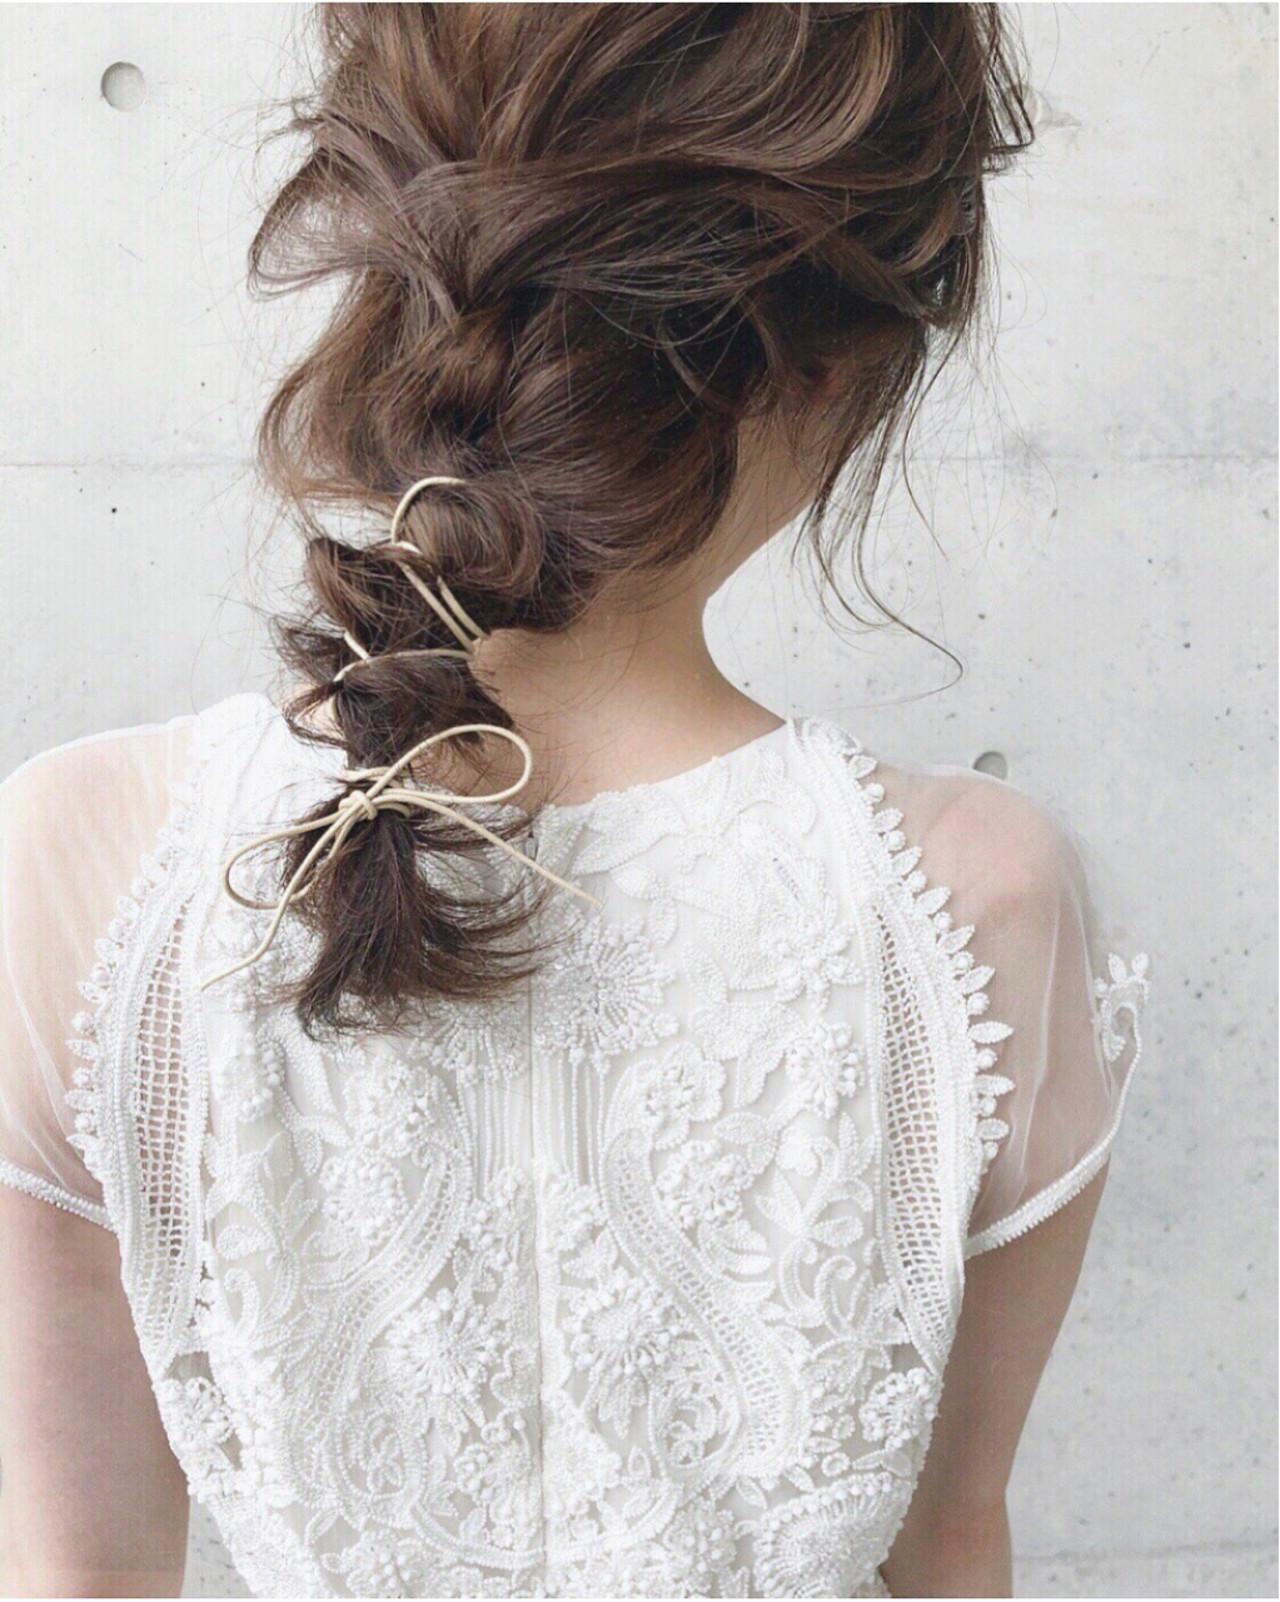 アンニュイ 大人女子 ゆるふわ ヘアアレンジ ヘアスタイルや髪型の写真・画像